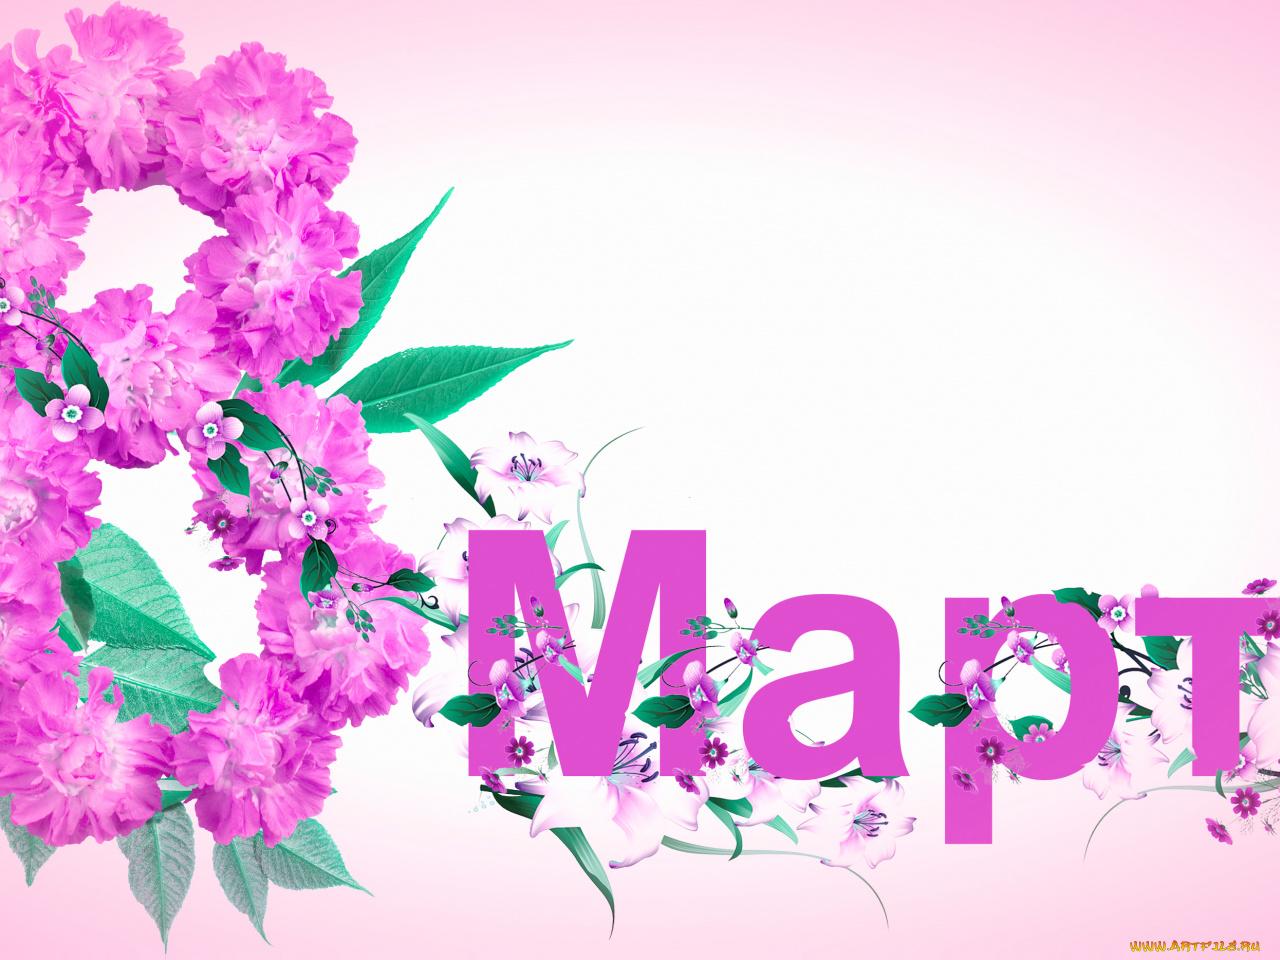 Красивый фон на 8 марта к открытке